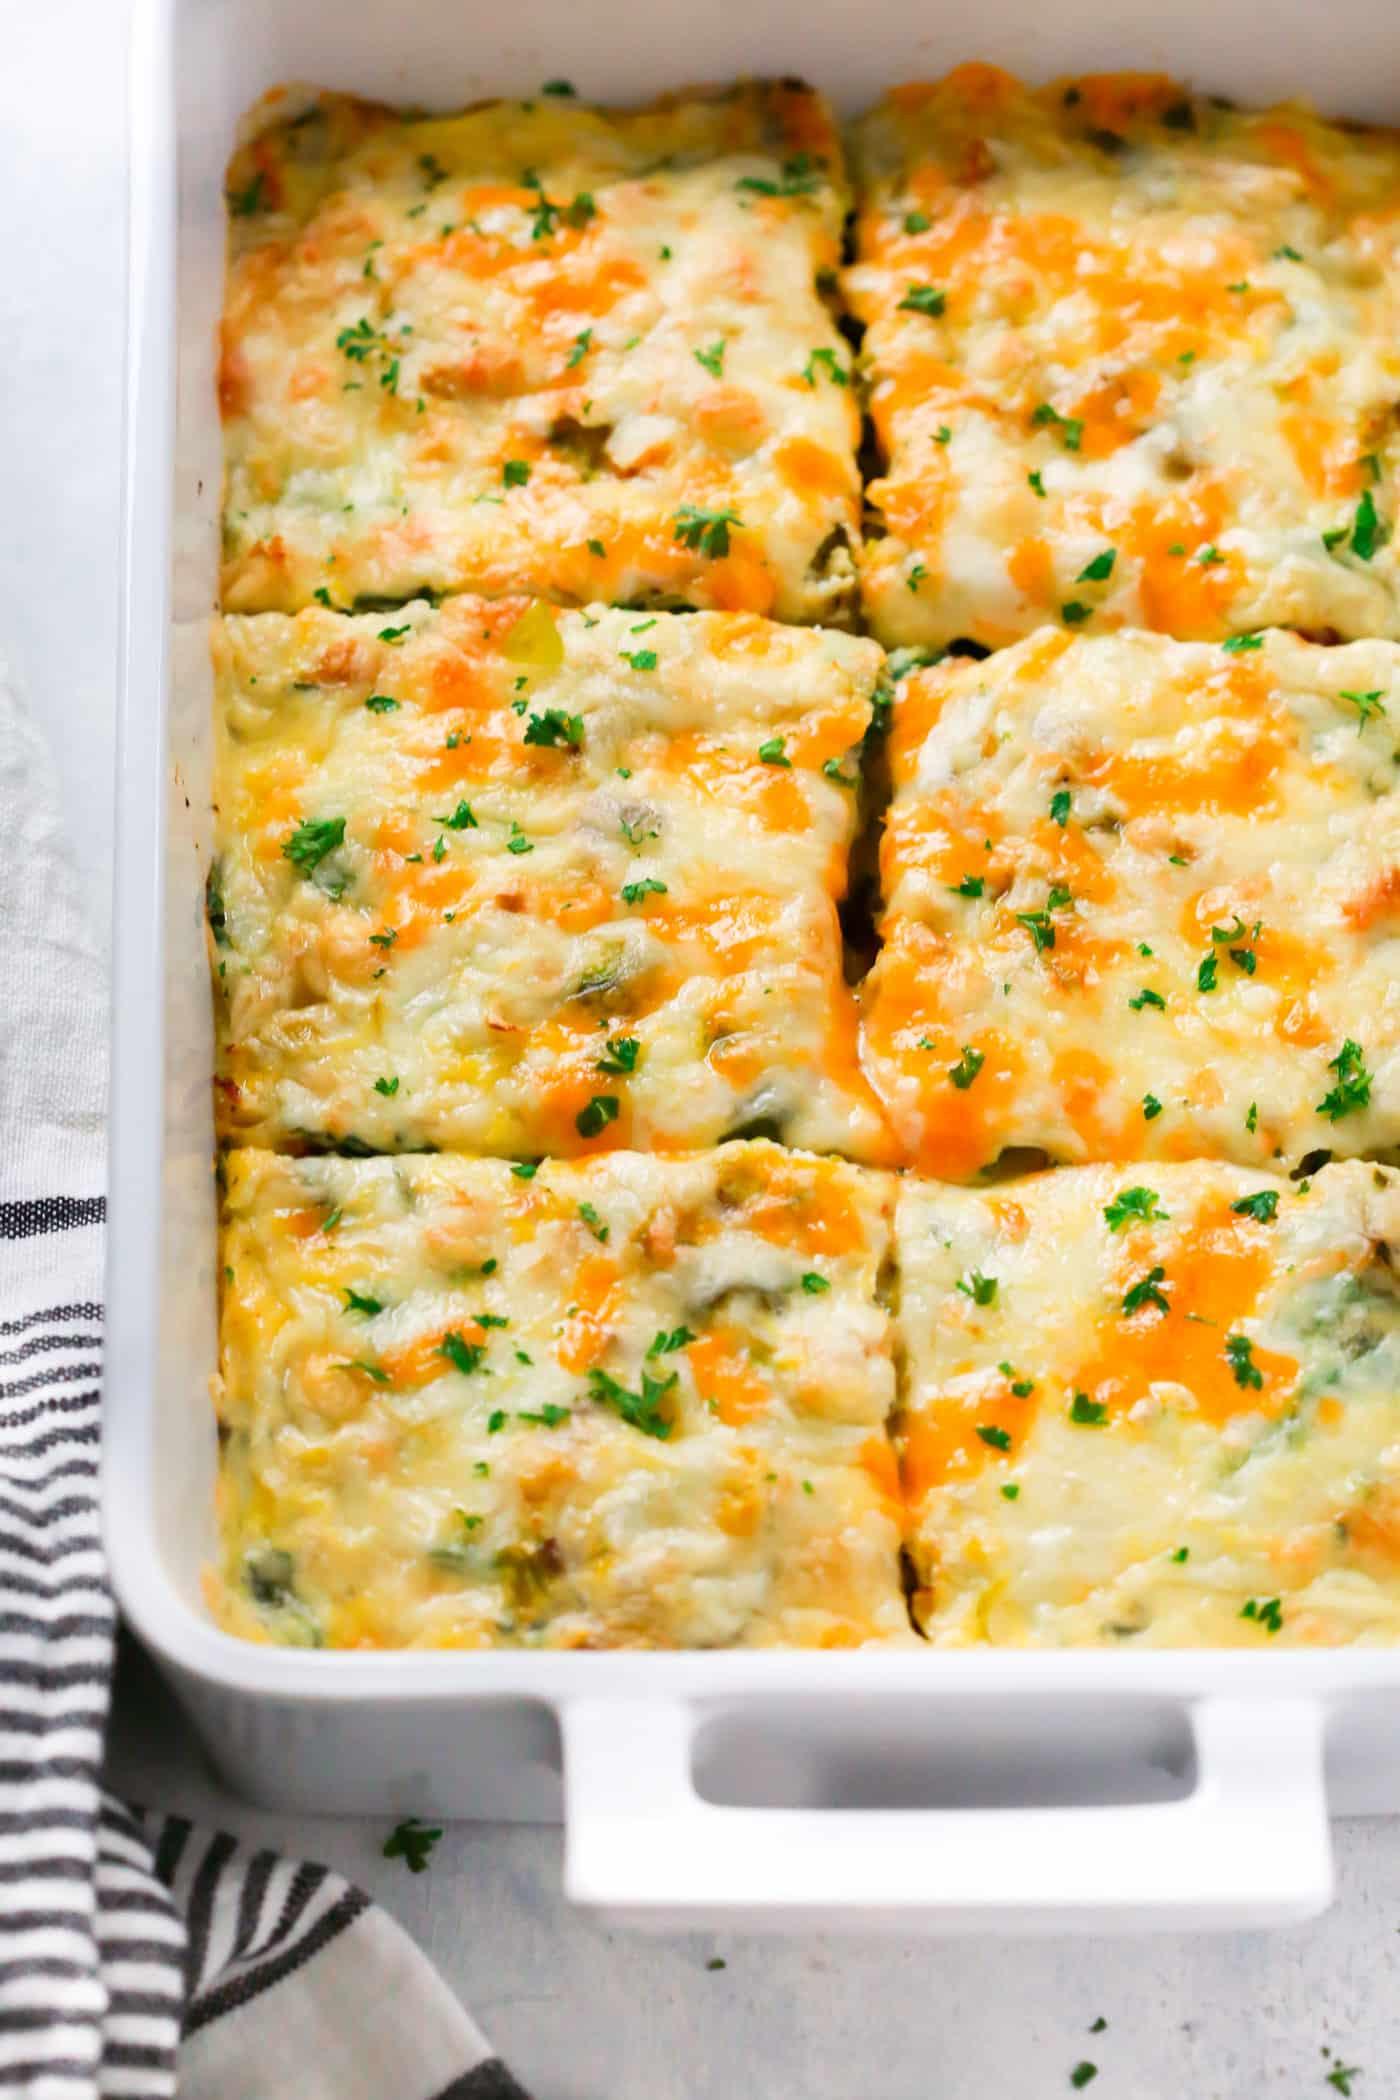 Easy Healthy Breakfast Casserole  Make Ahead Veggie Breakfast Casserole Primavera Kitchen